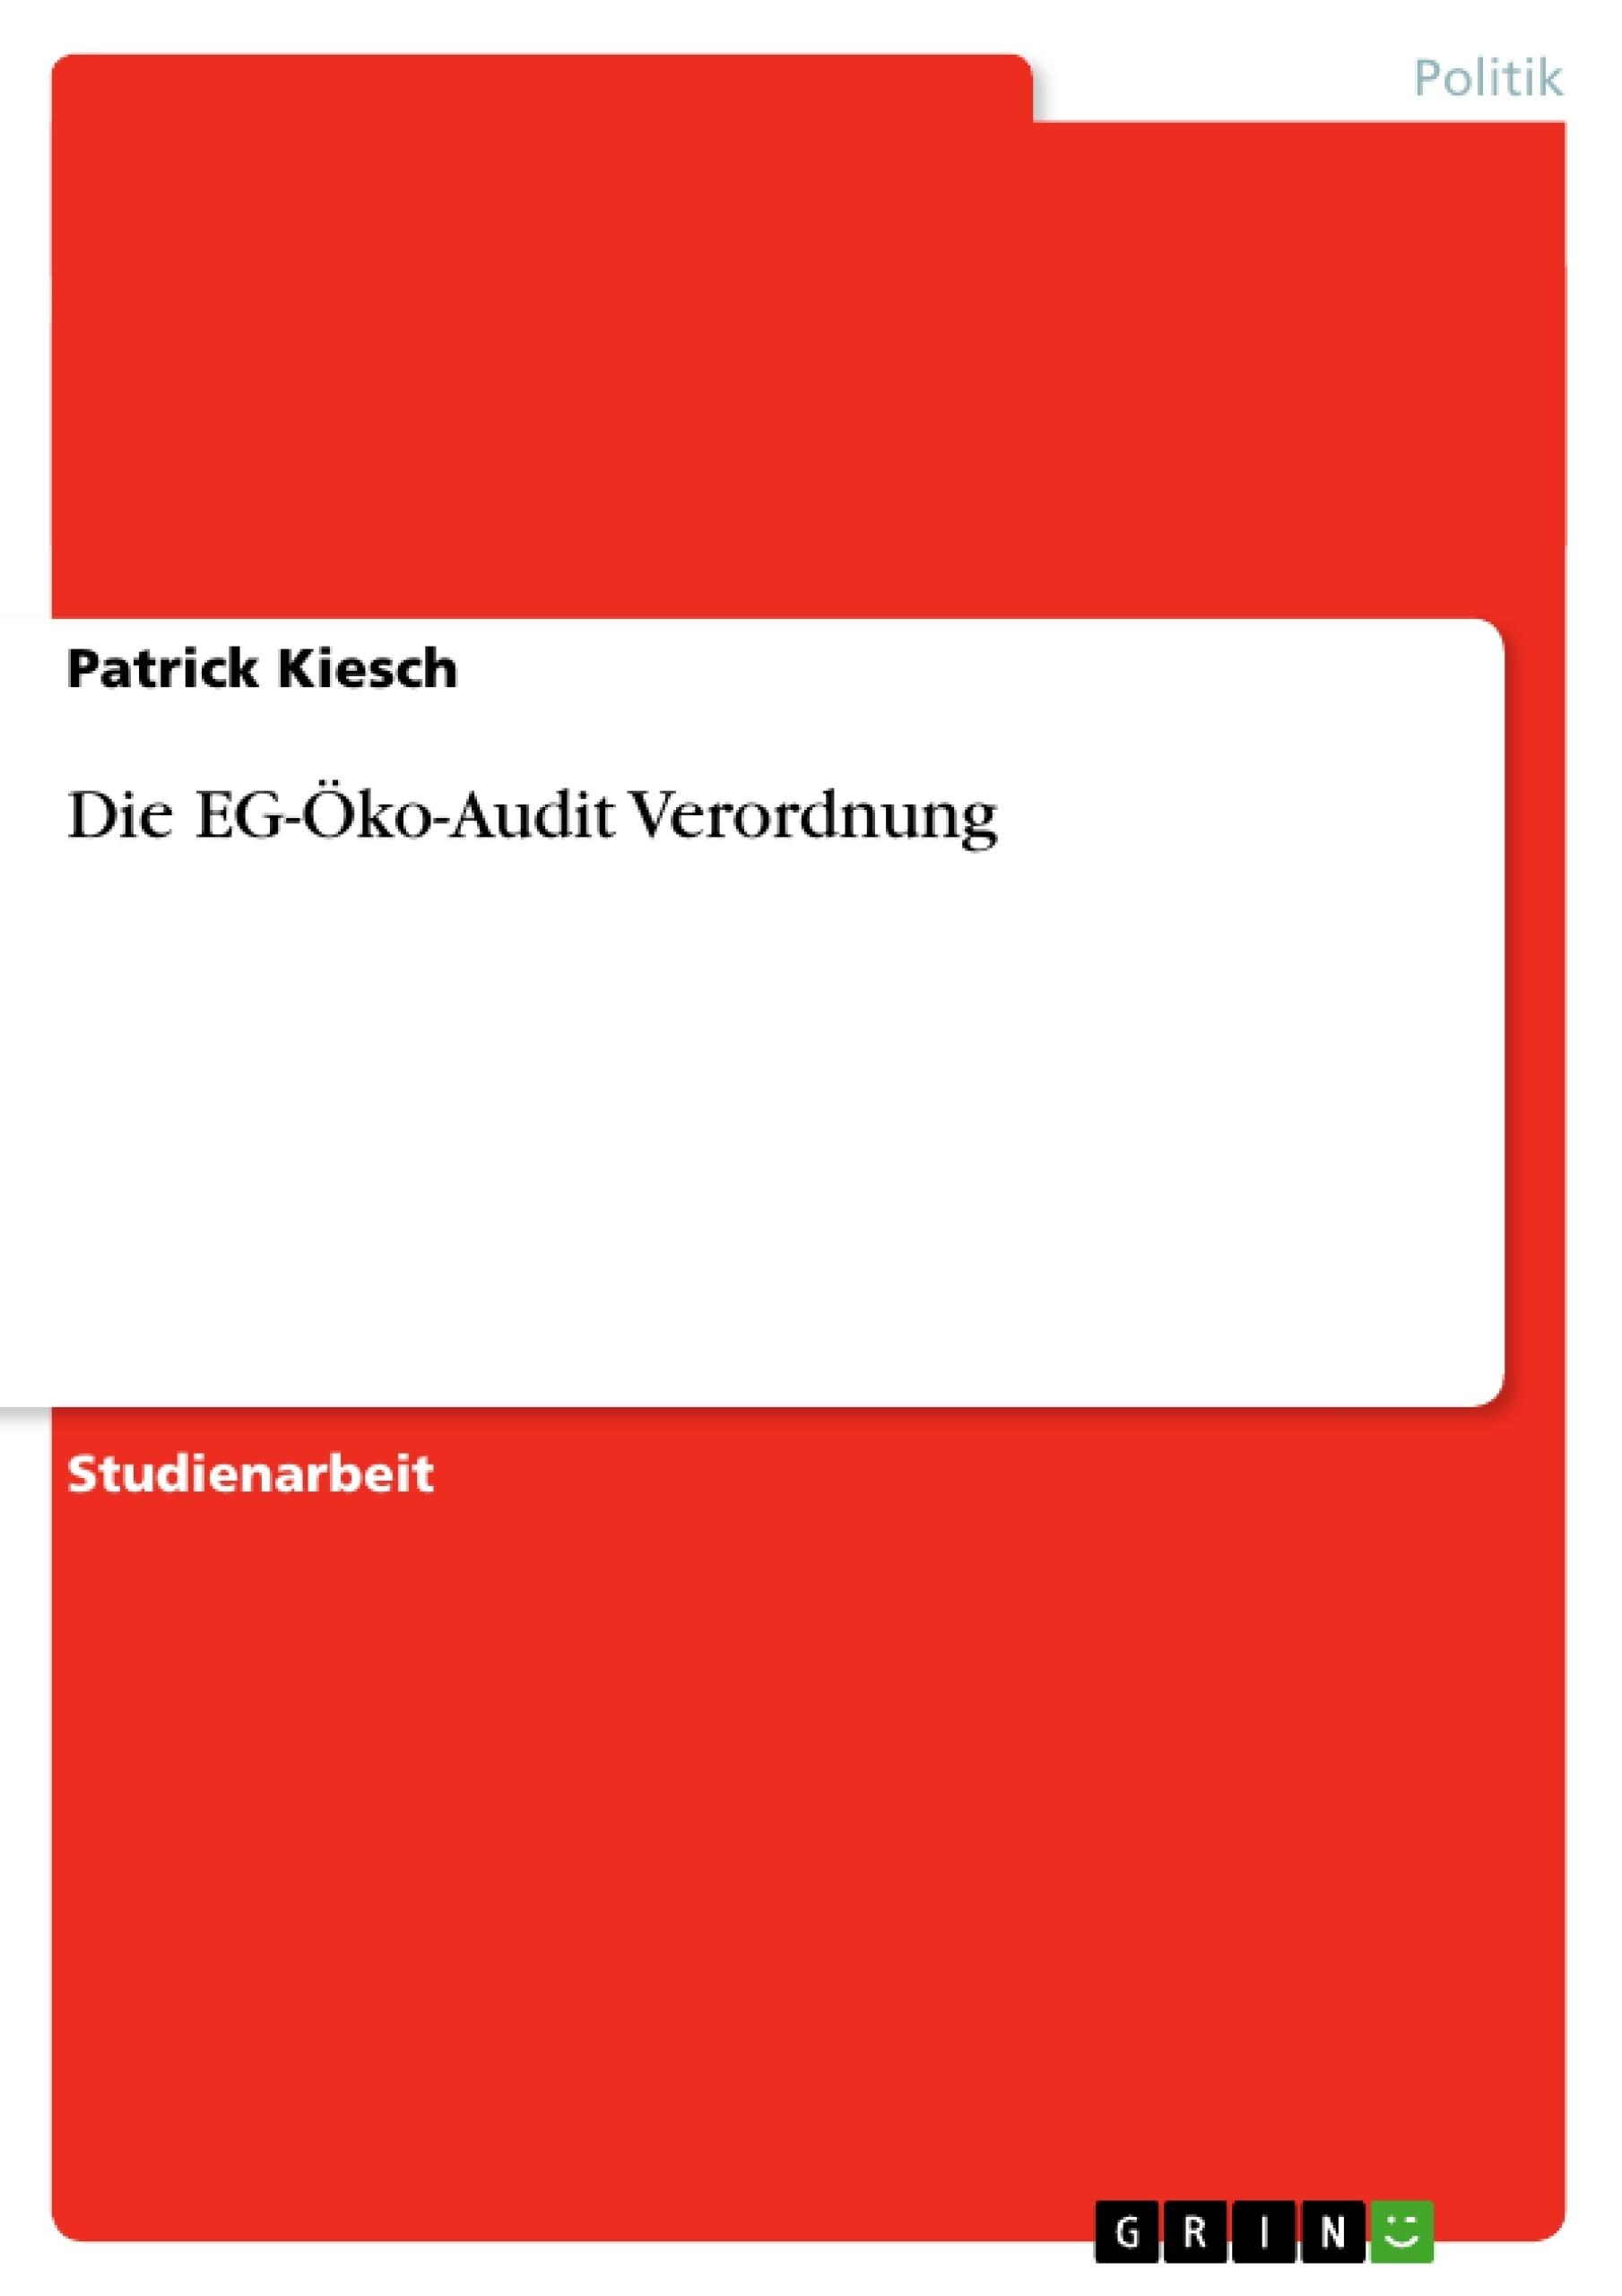 Titel: Die EG-Öko-Audit Verordnung